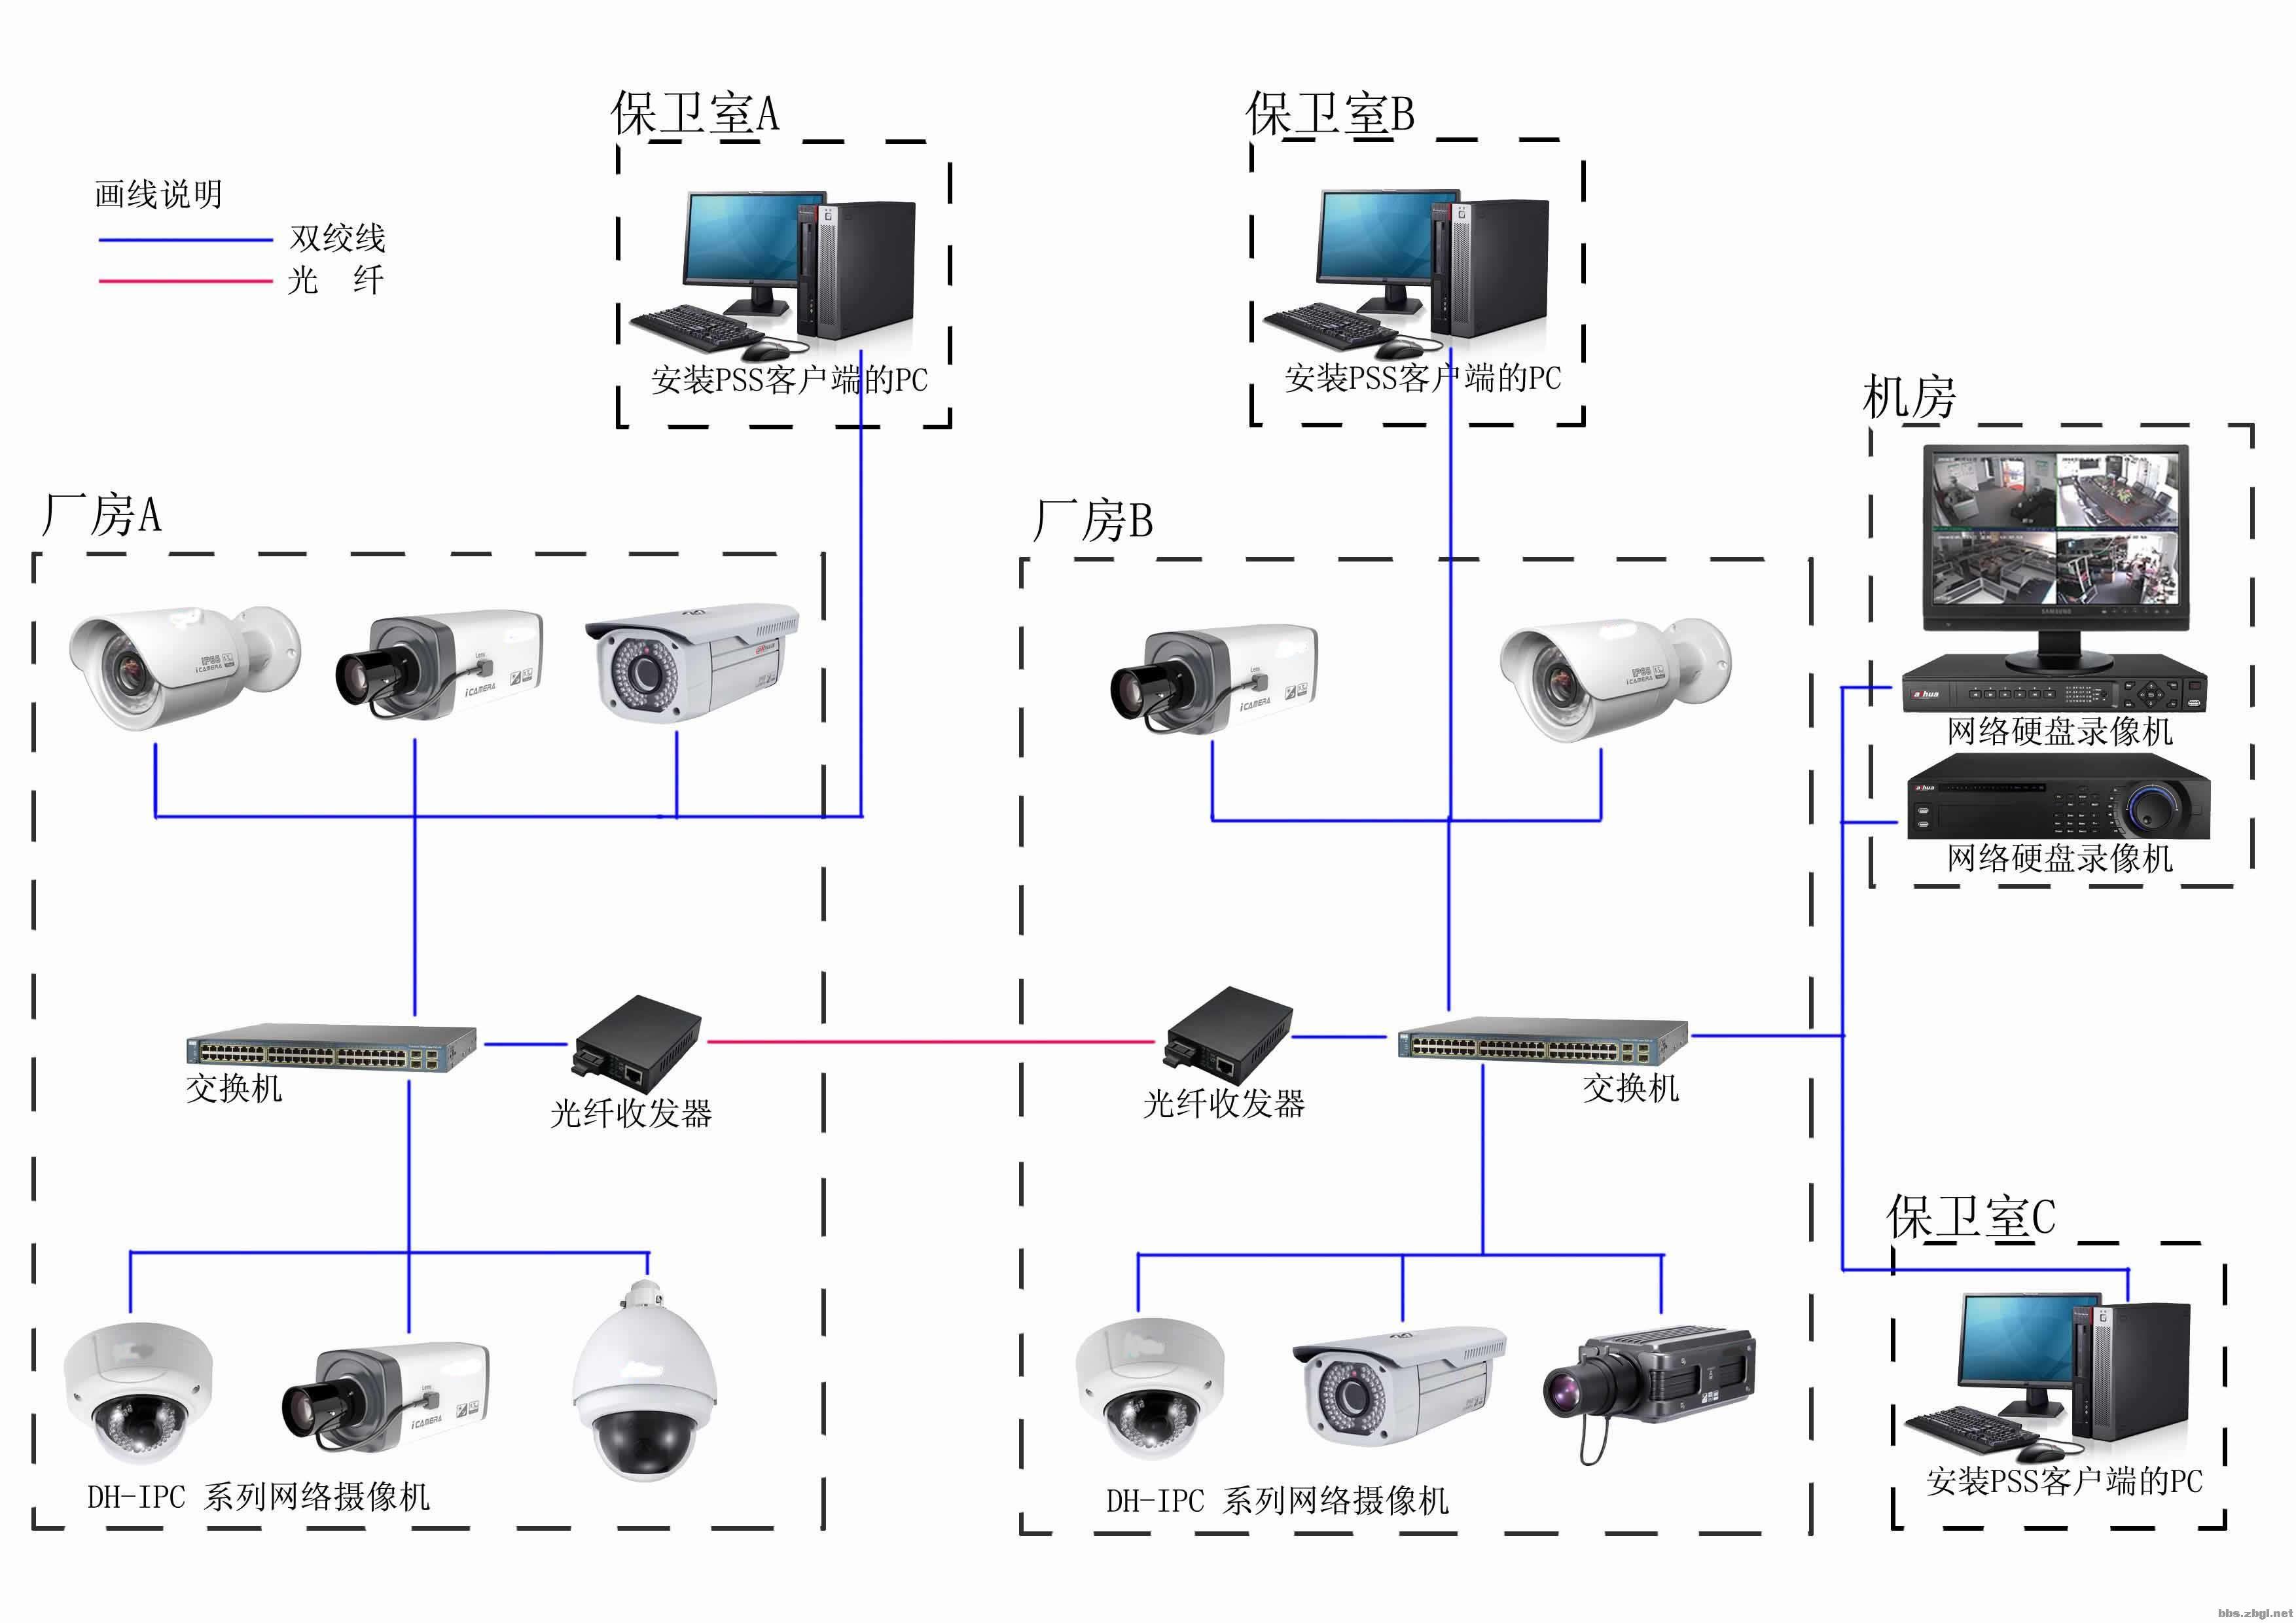 没有网络,想用电脑连接一个监控摄像头,都需要什么东西